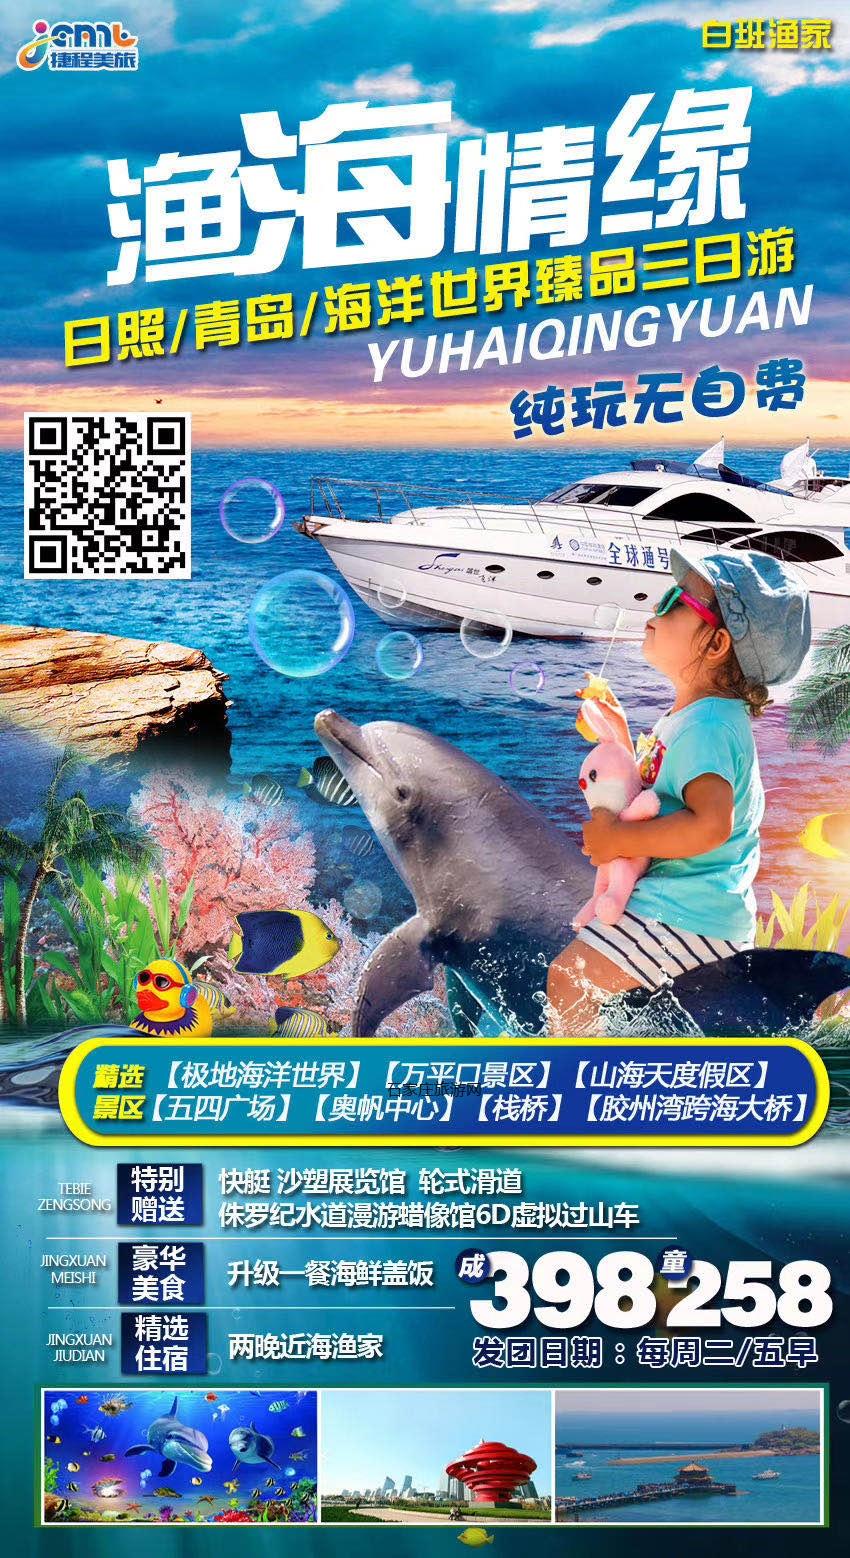 【超值特惠】渔海情缘---日照、青岛、海洋世界白班渔家纯玩三日游